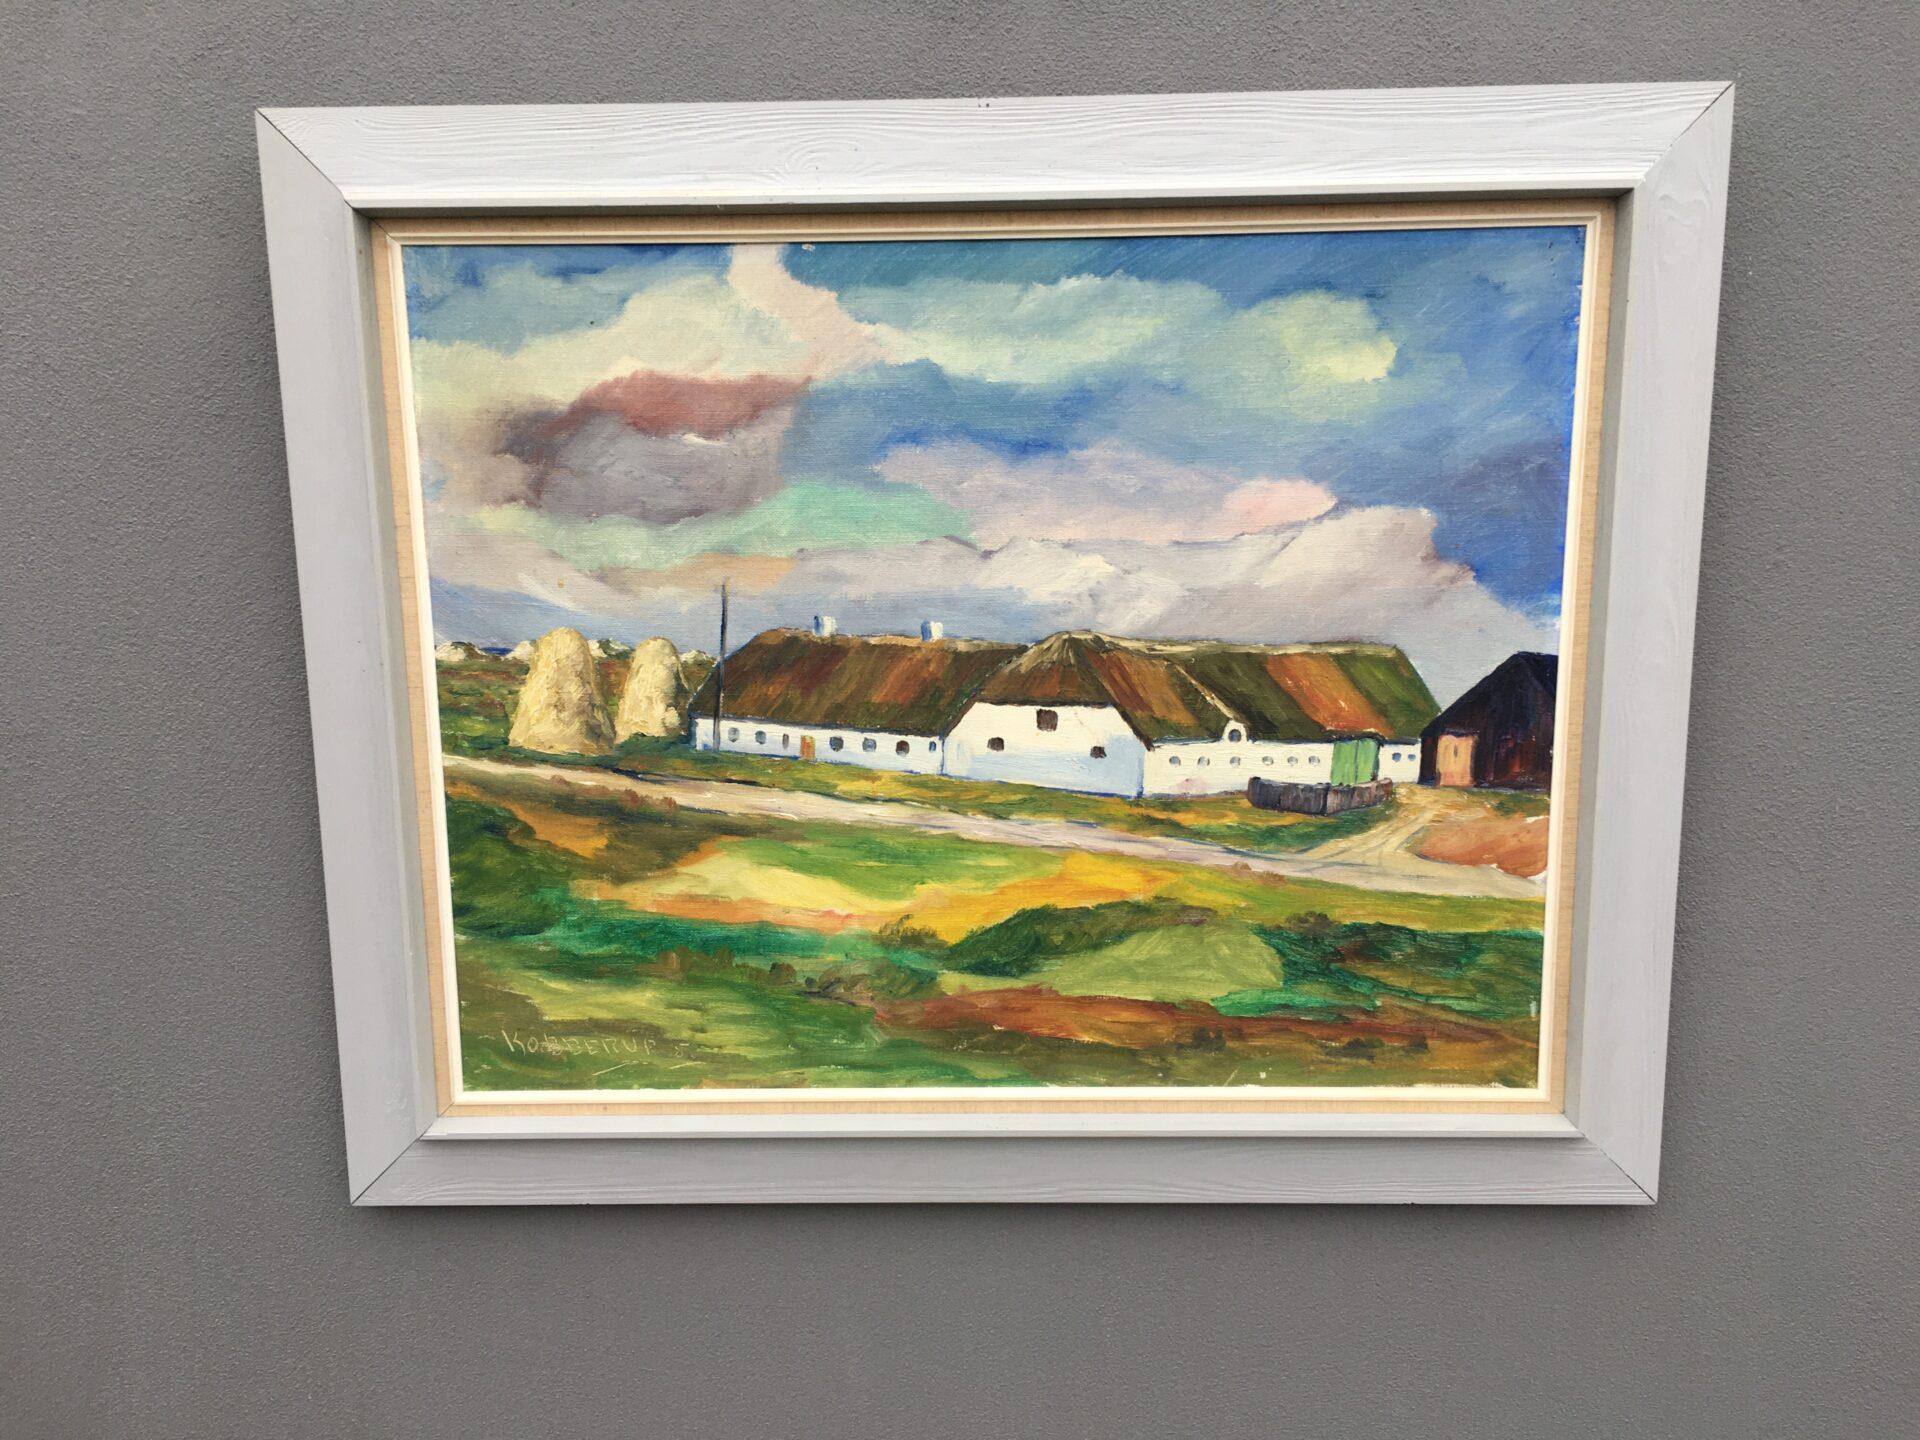 Carl Arthur Kobberup Andersen, maleri, rammemål 80x100 cm, pris 400kr